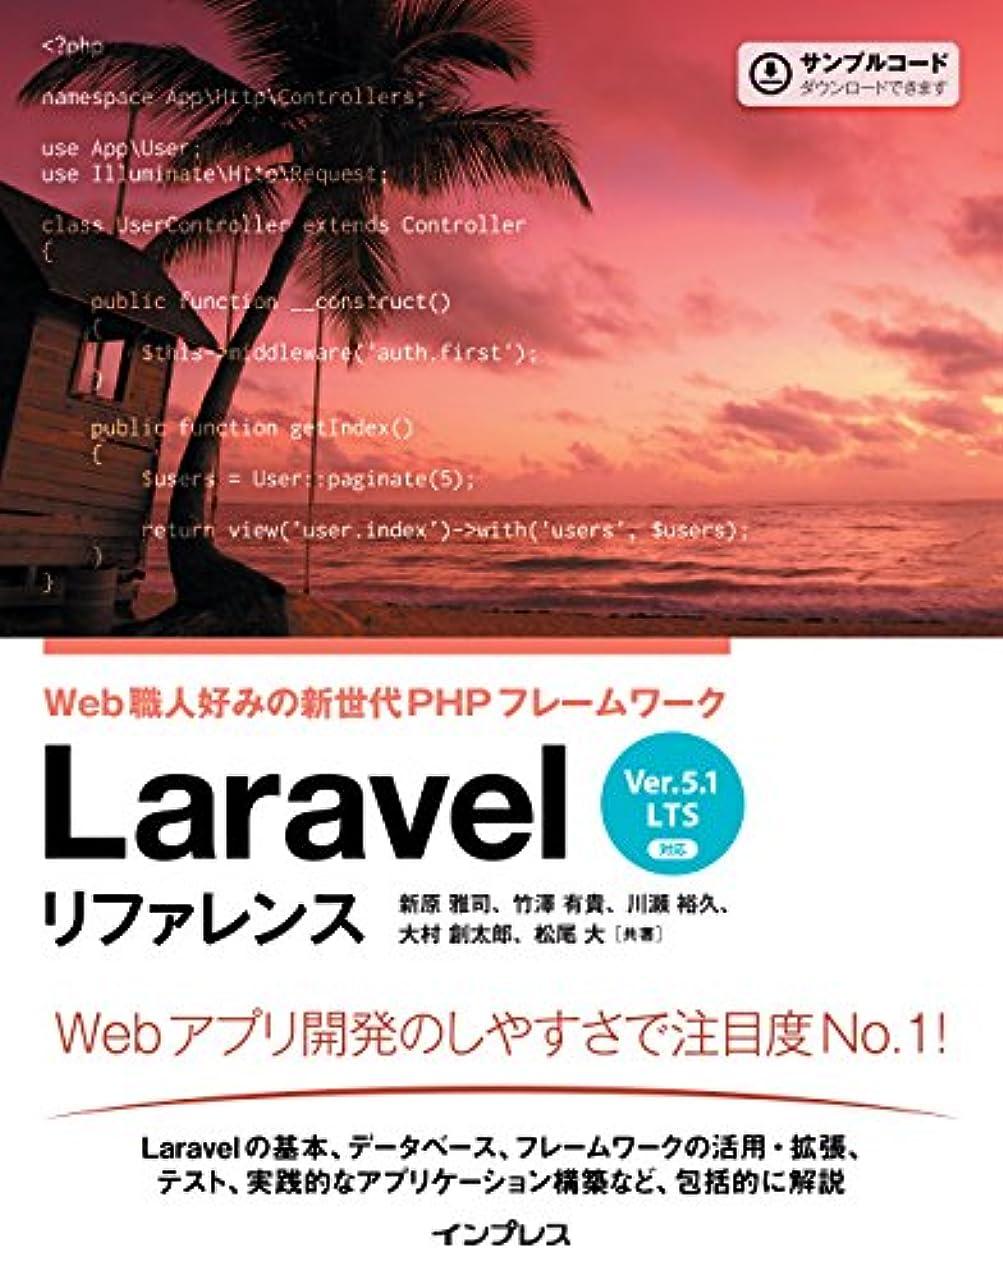 ダブルコンパクト軍隊Laravel リファレンス[Ver.5.1 LTS 対応] Web職人好みの新世代PHPフレームワーク